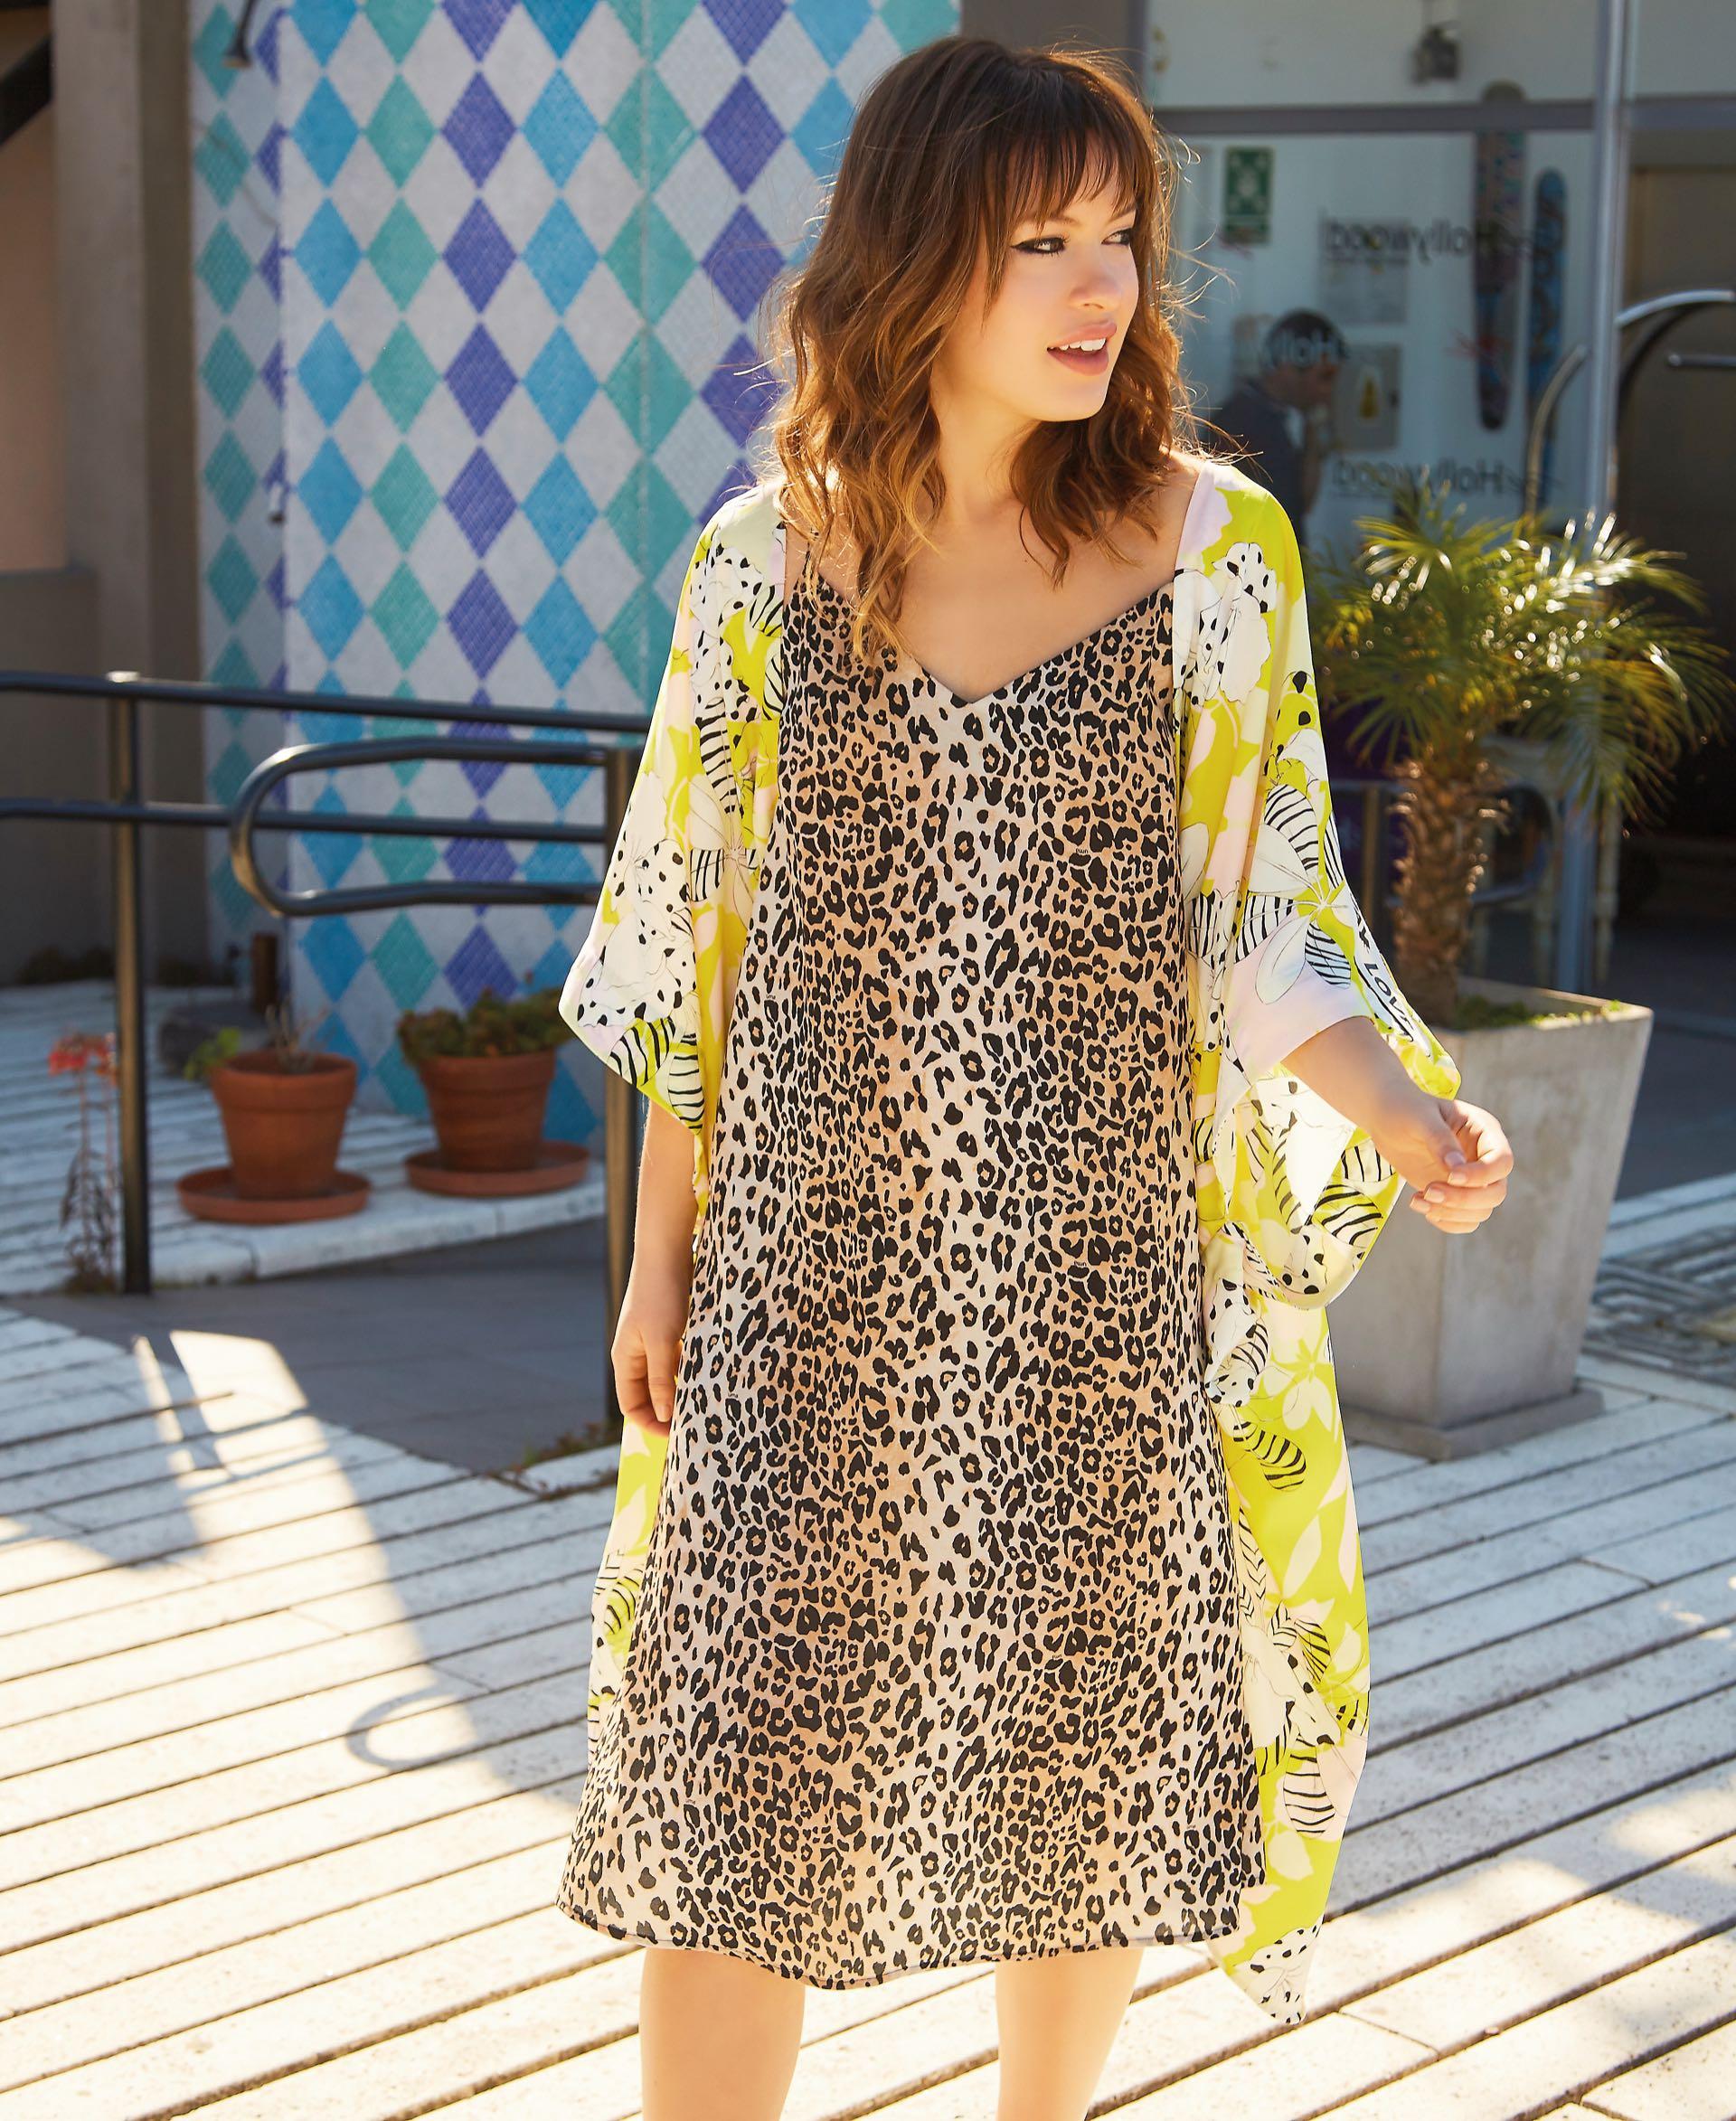 Vestido animal print (Uma) y kimono largo estampado ($ 4.800, Kosiuko).